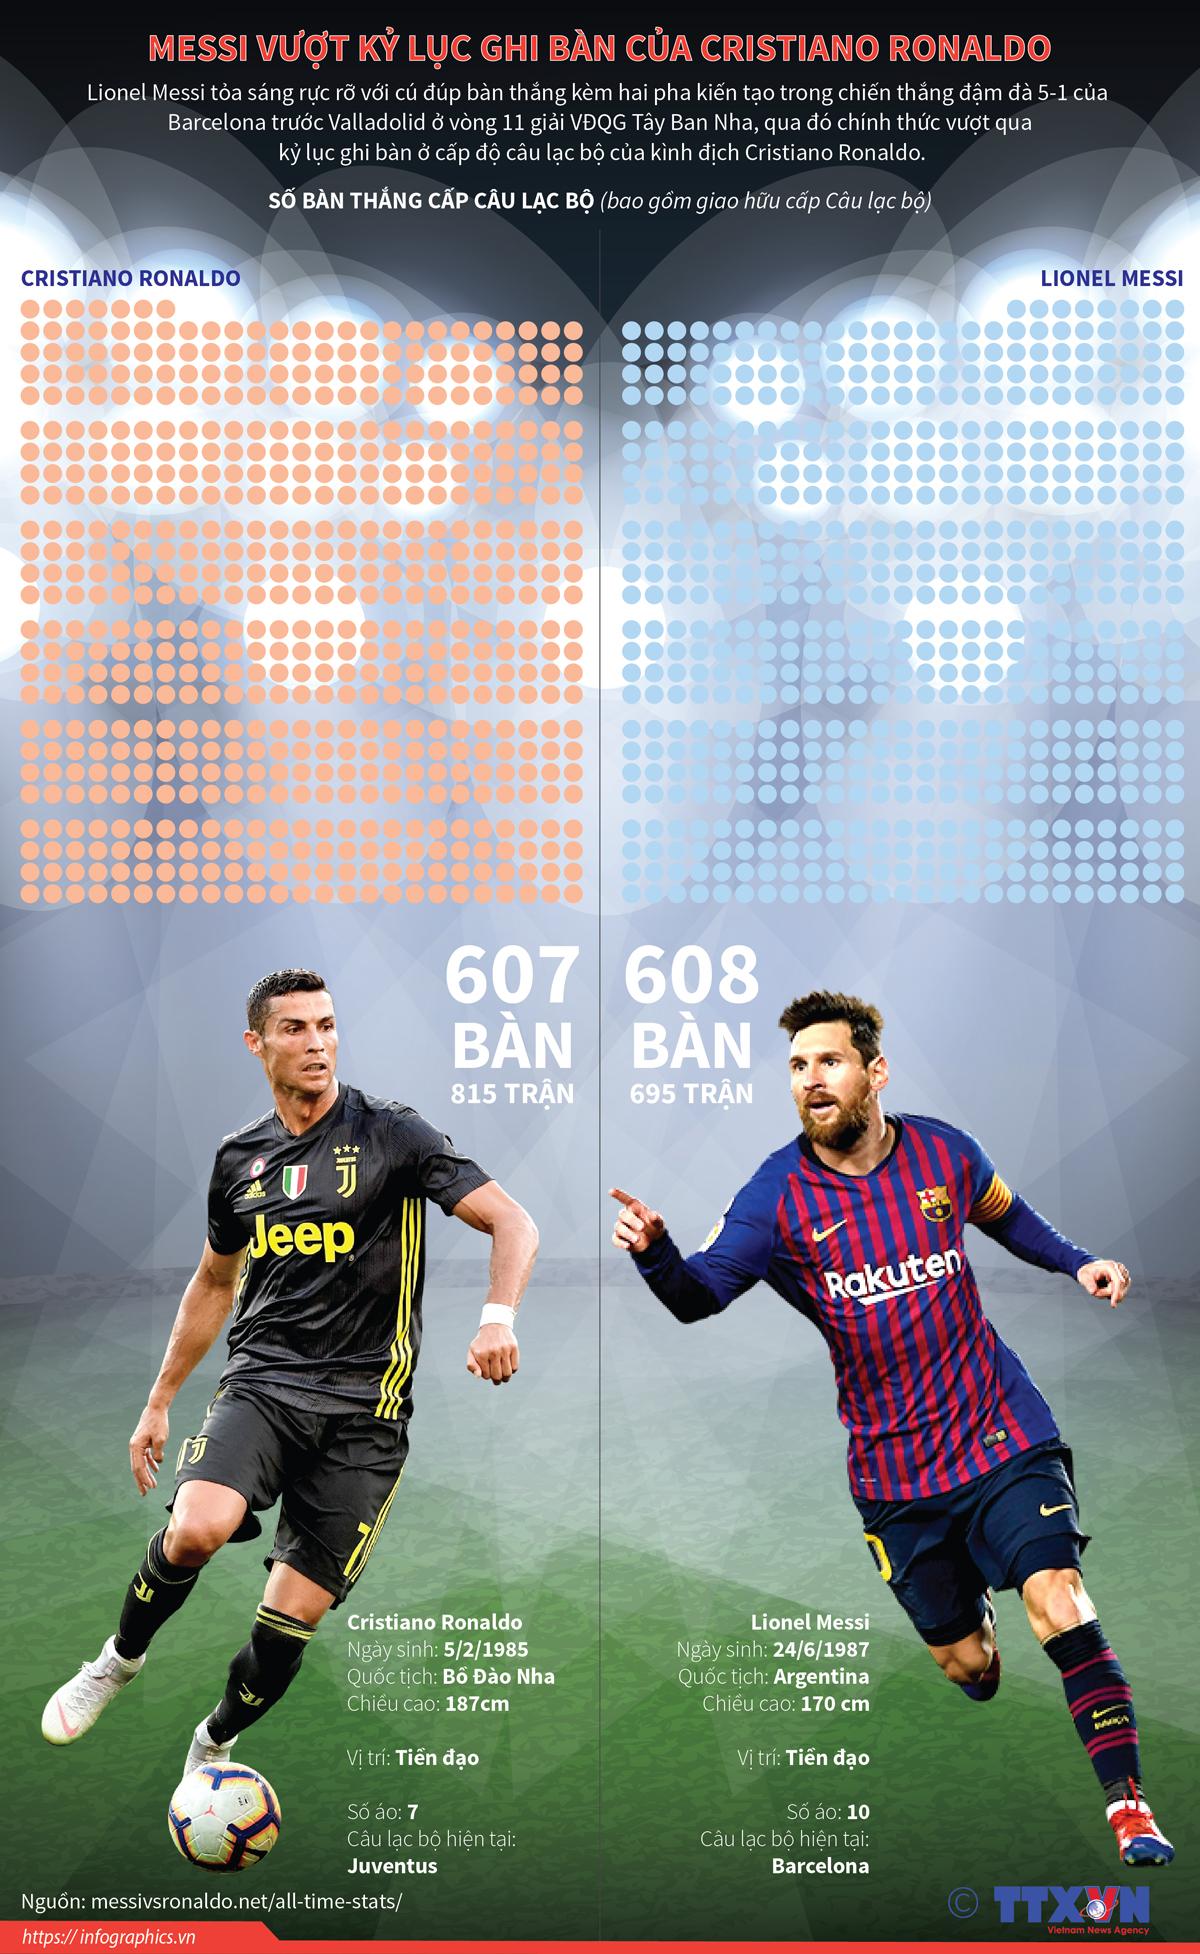 thể thao, nghệ thuật, messi, kỷ lục, ghi bàn, cristiano ronaldo, giải VĐQG Tây Ban Nha